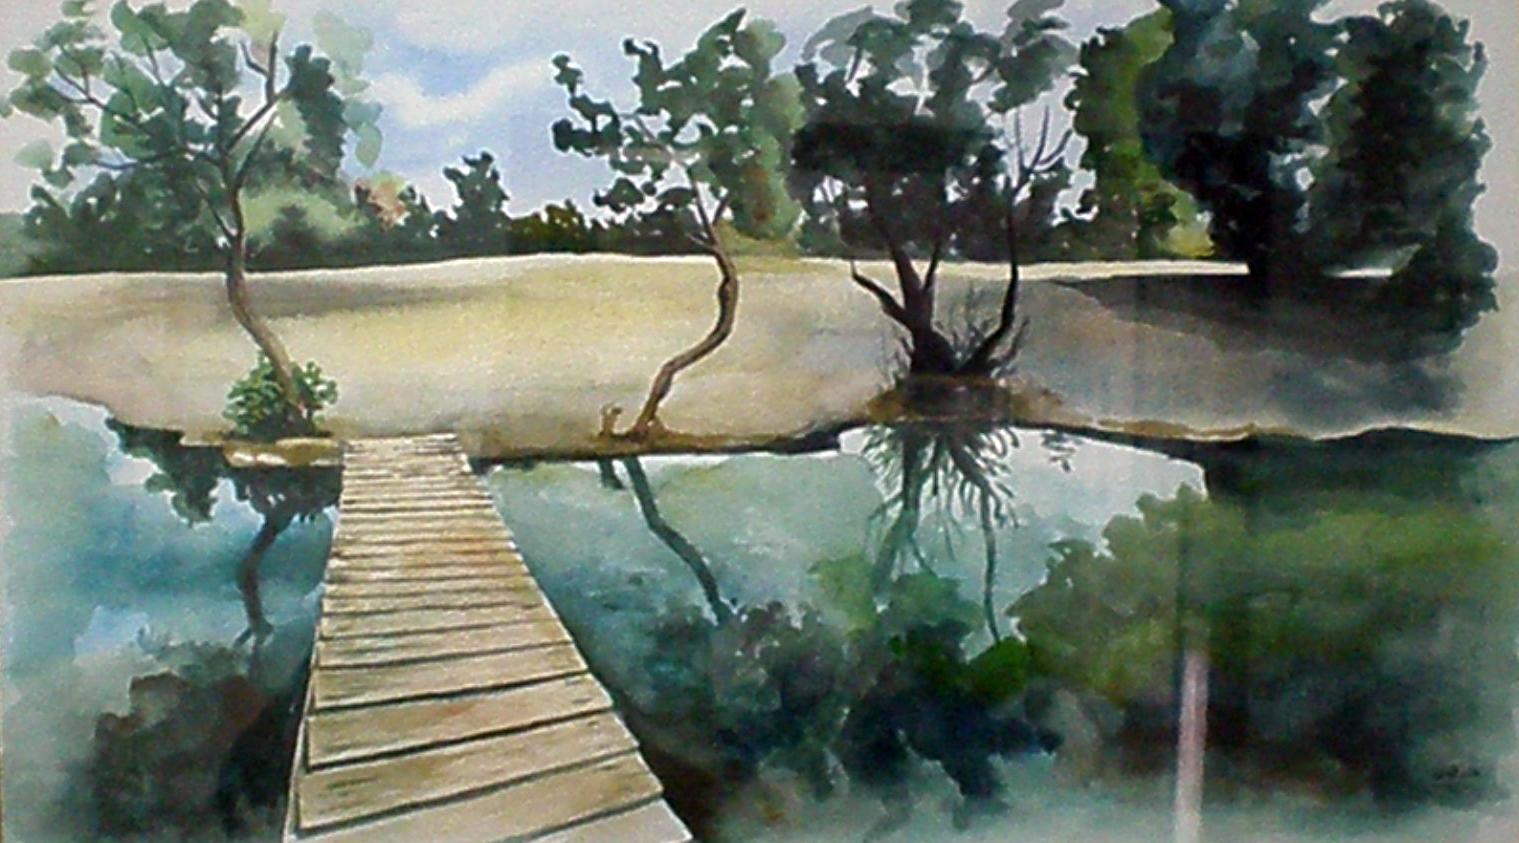 עינות צוקים - תמונת אקורל מאת אסתי הס